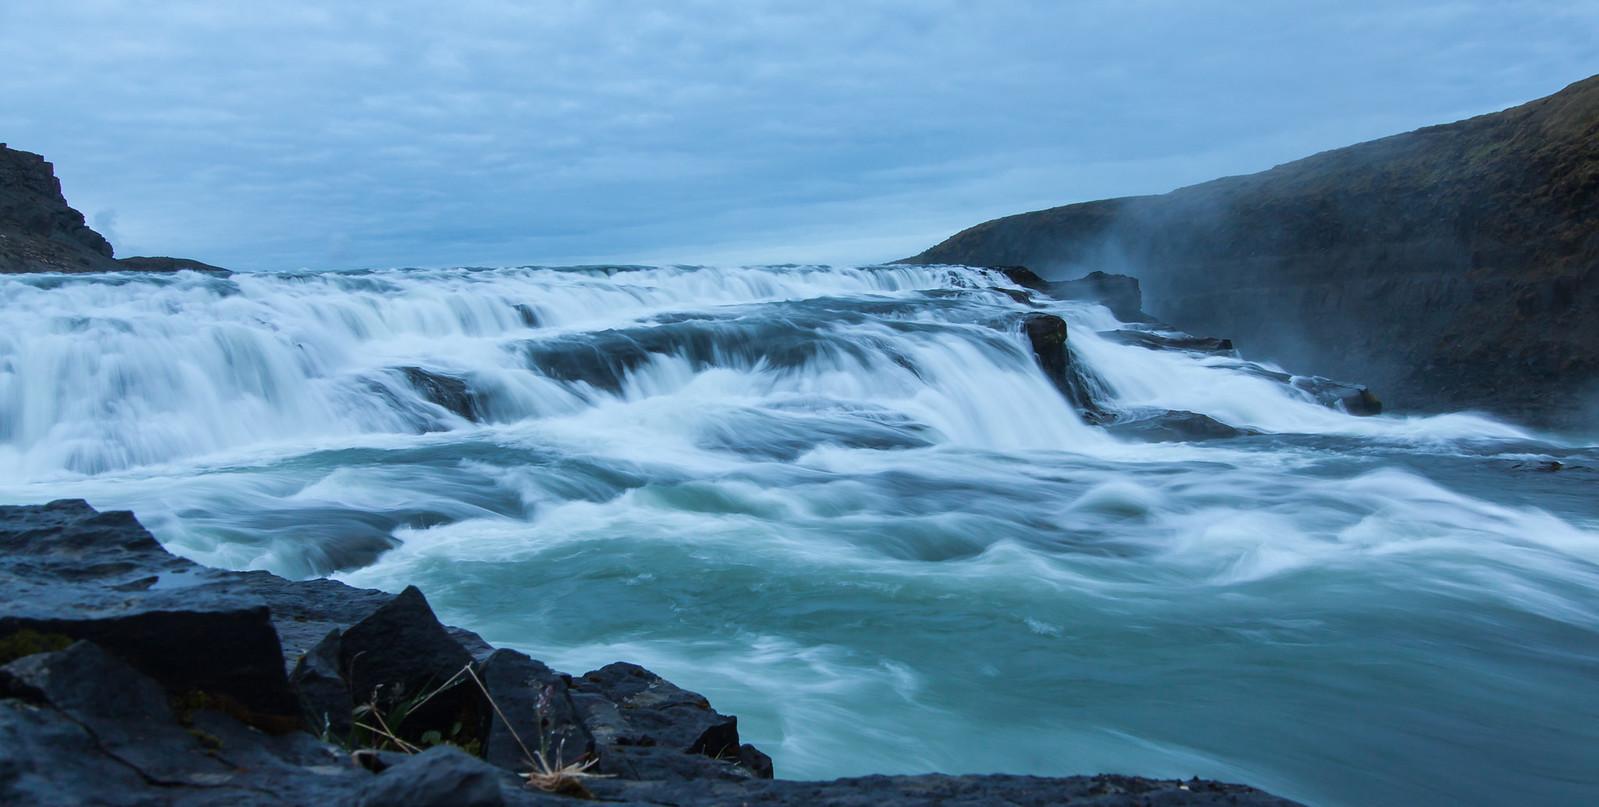 Ісландські нотатки. Частина 2: Золоте кільце